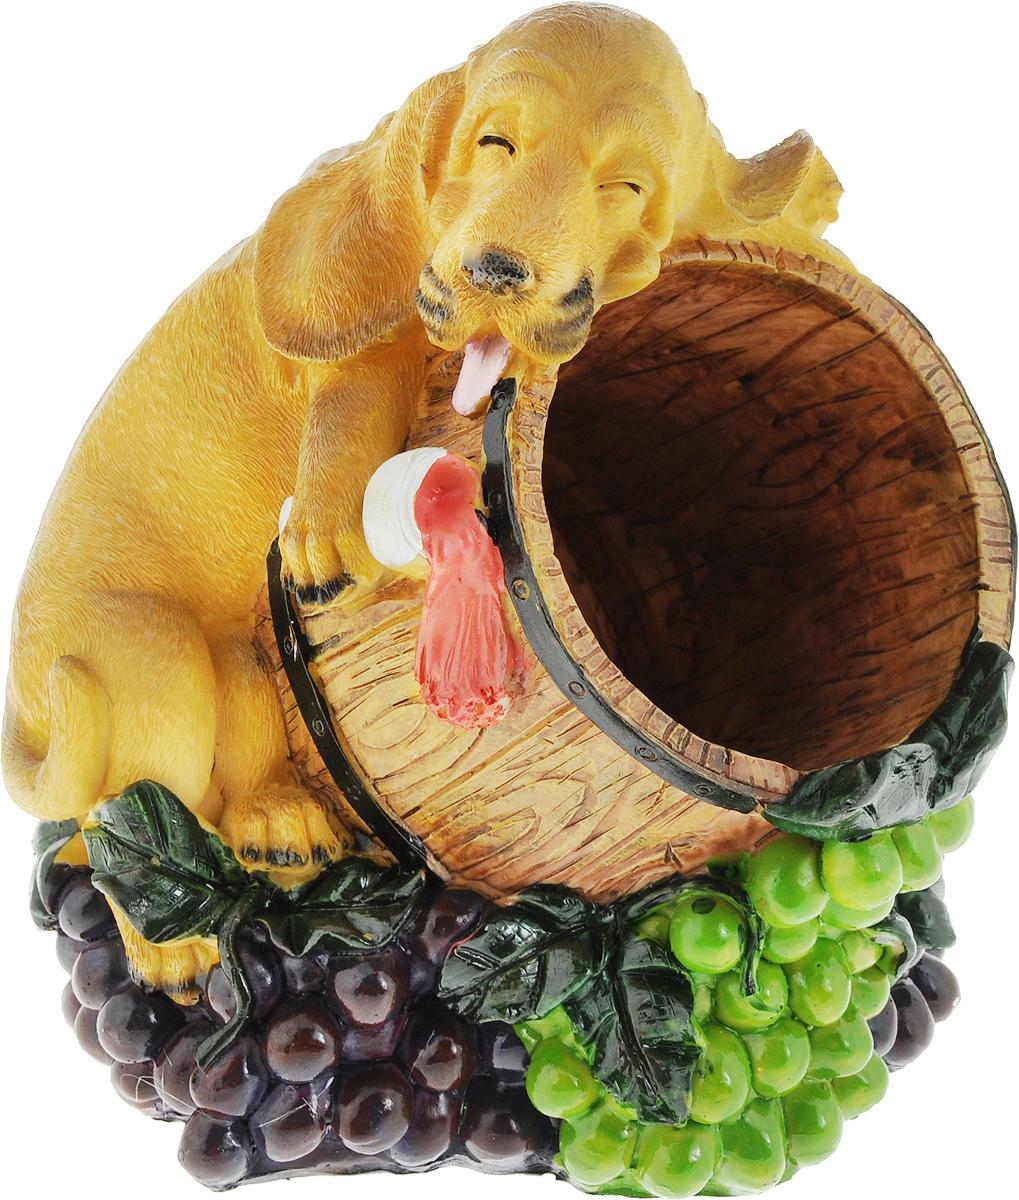 """Подставка для вина Drivemotion """"Пьяный рыжий пес"""", выполненная из высококачественного полистоуна, порадует вас и ваших гостей своим великолепным дизайном и яркими красками.  Поместите винную бутылку в эту красивую подставку, и гости не только надолго запомнят ваше мероприятие, но и будут рассказывать о нем другим.  Эта замечательная подставка может стать великолепным штрихом к вашему празднику.  Диаметр отверстия для бутылки: 8 см."""